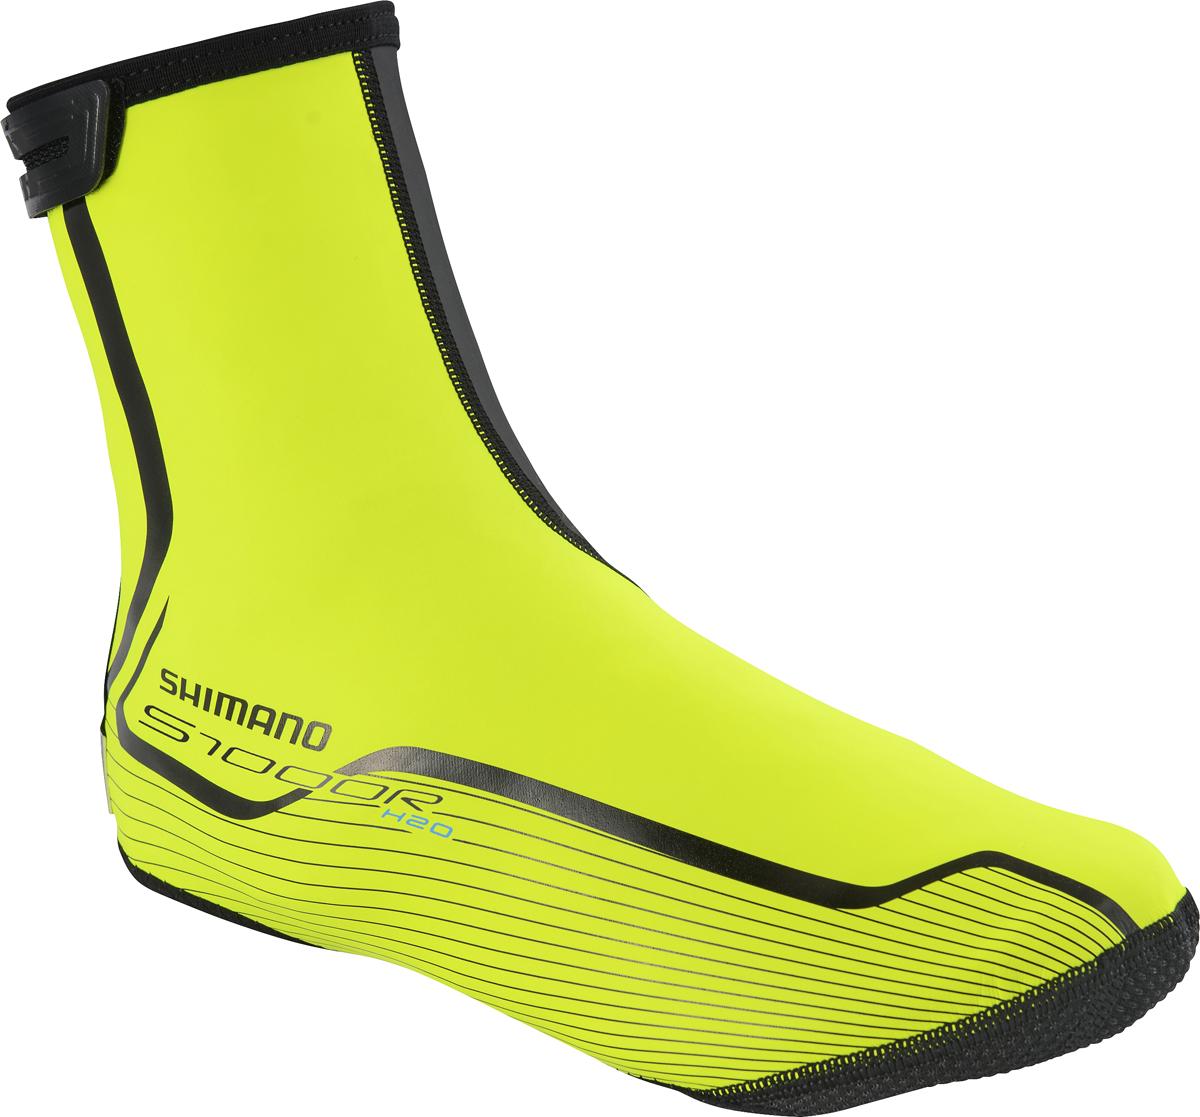 SHIMANO ROAD S1000R H2O návleky, neon žlutá, S